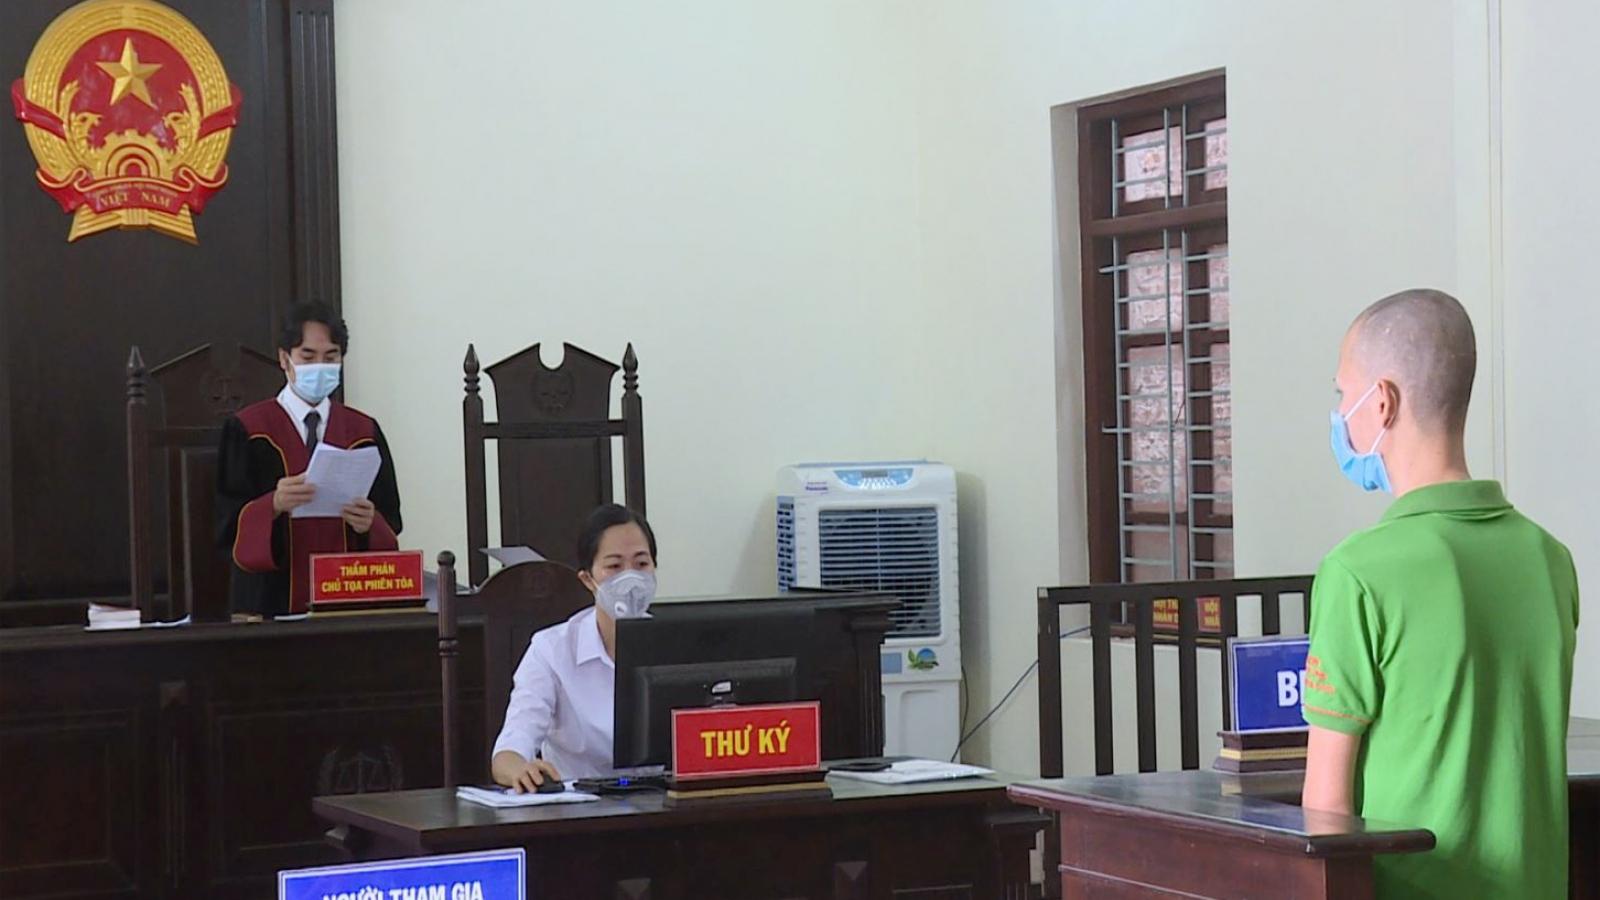 Phạt 24 tháng tù giam đối tượng tấn công lực lượng chống dịch